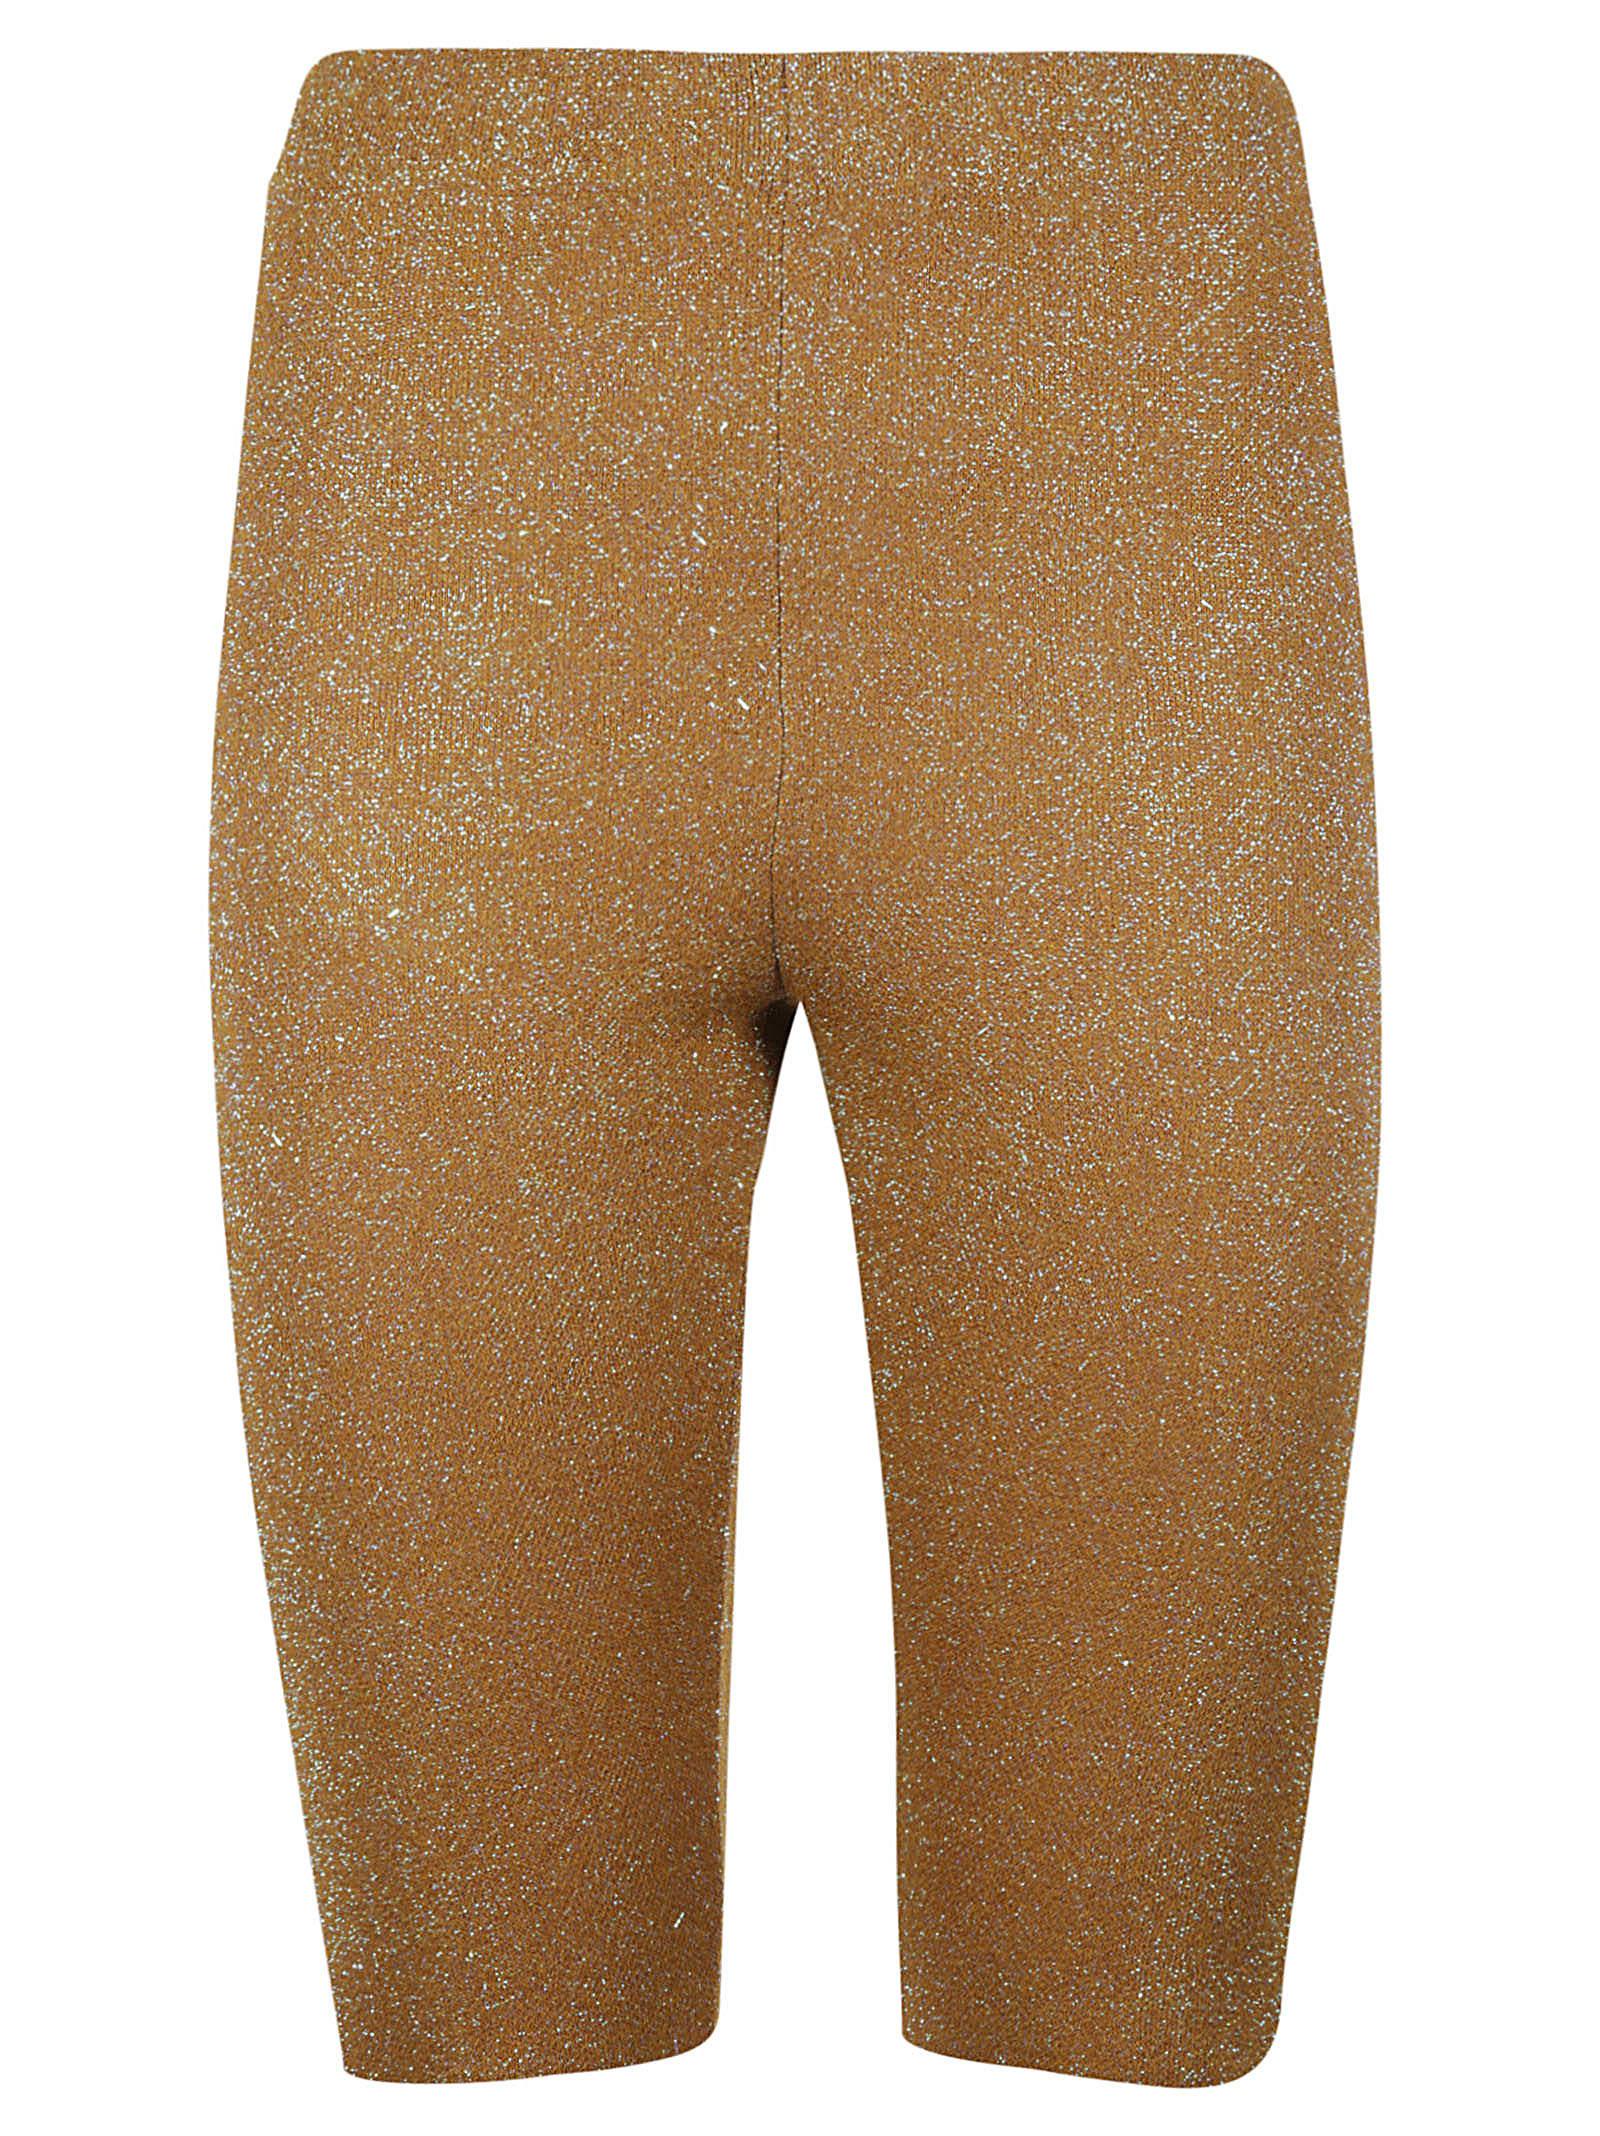 Embellished Short Leggings